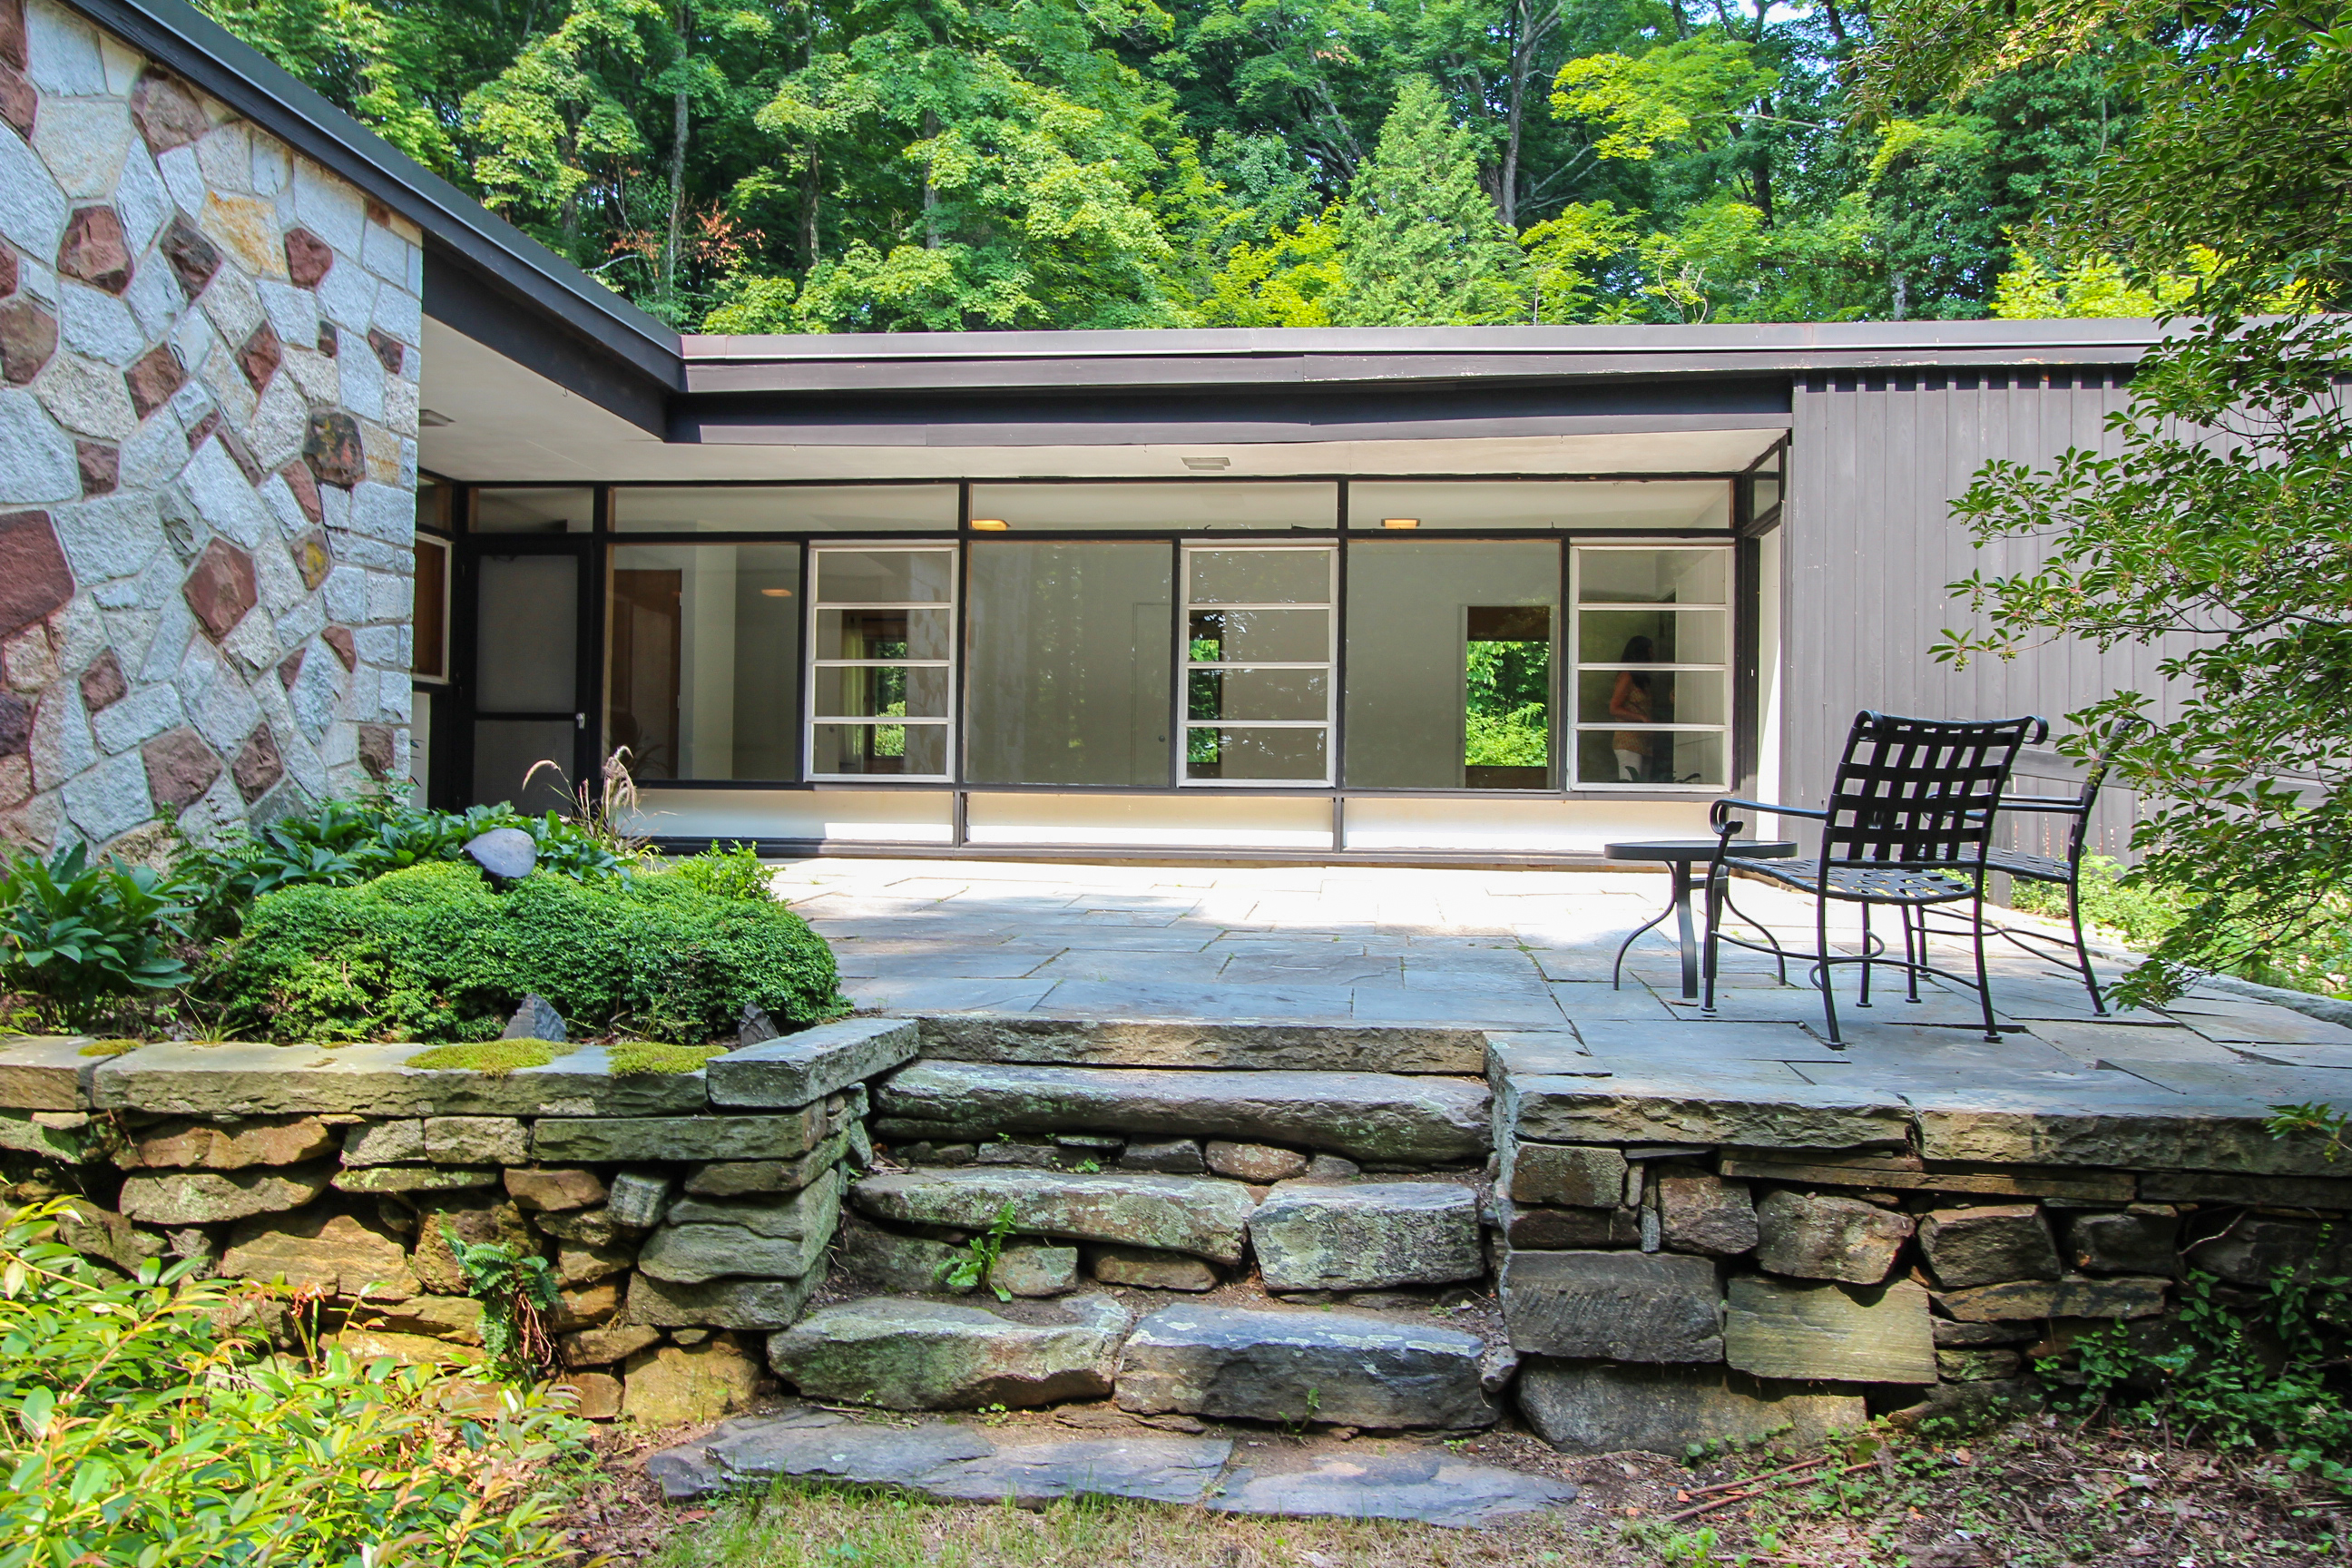 Casa Unifamiliar por un Venta en Masterfully Designed Mid Century Modern 455 Milford St Burlington, Connecticut 06013 Estados Unidos